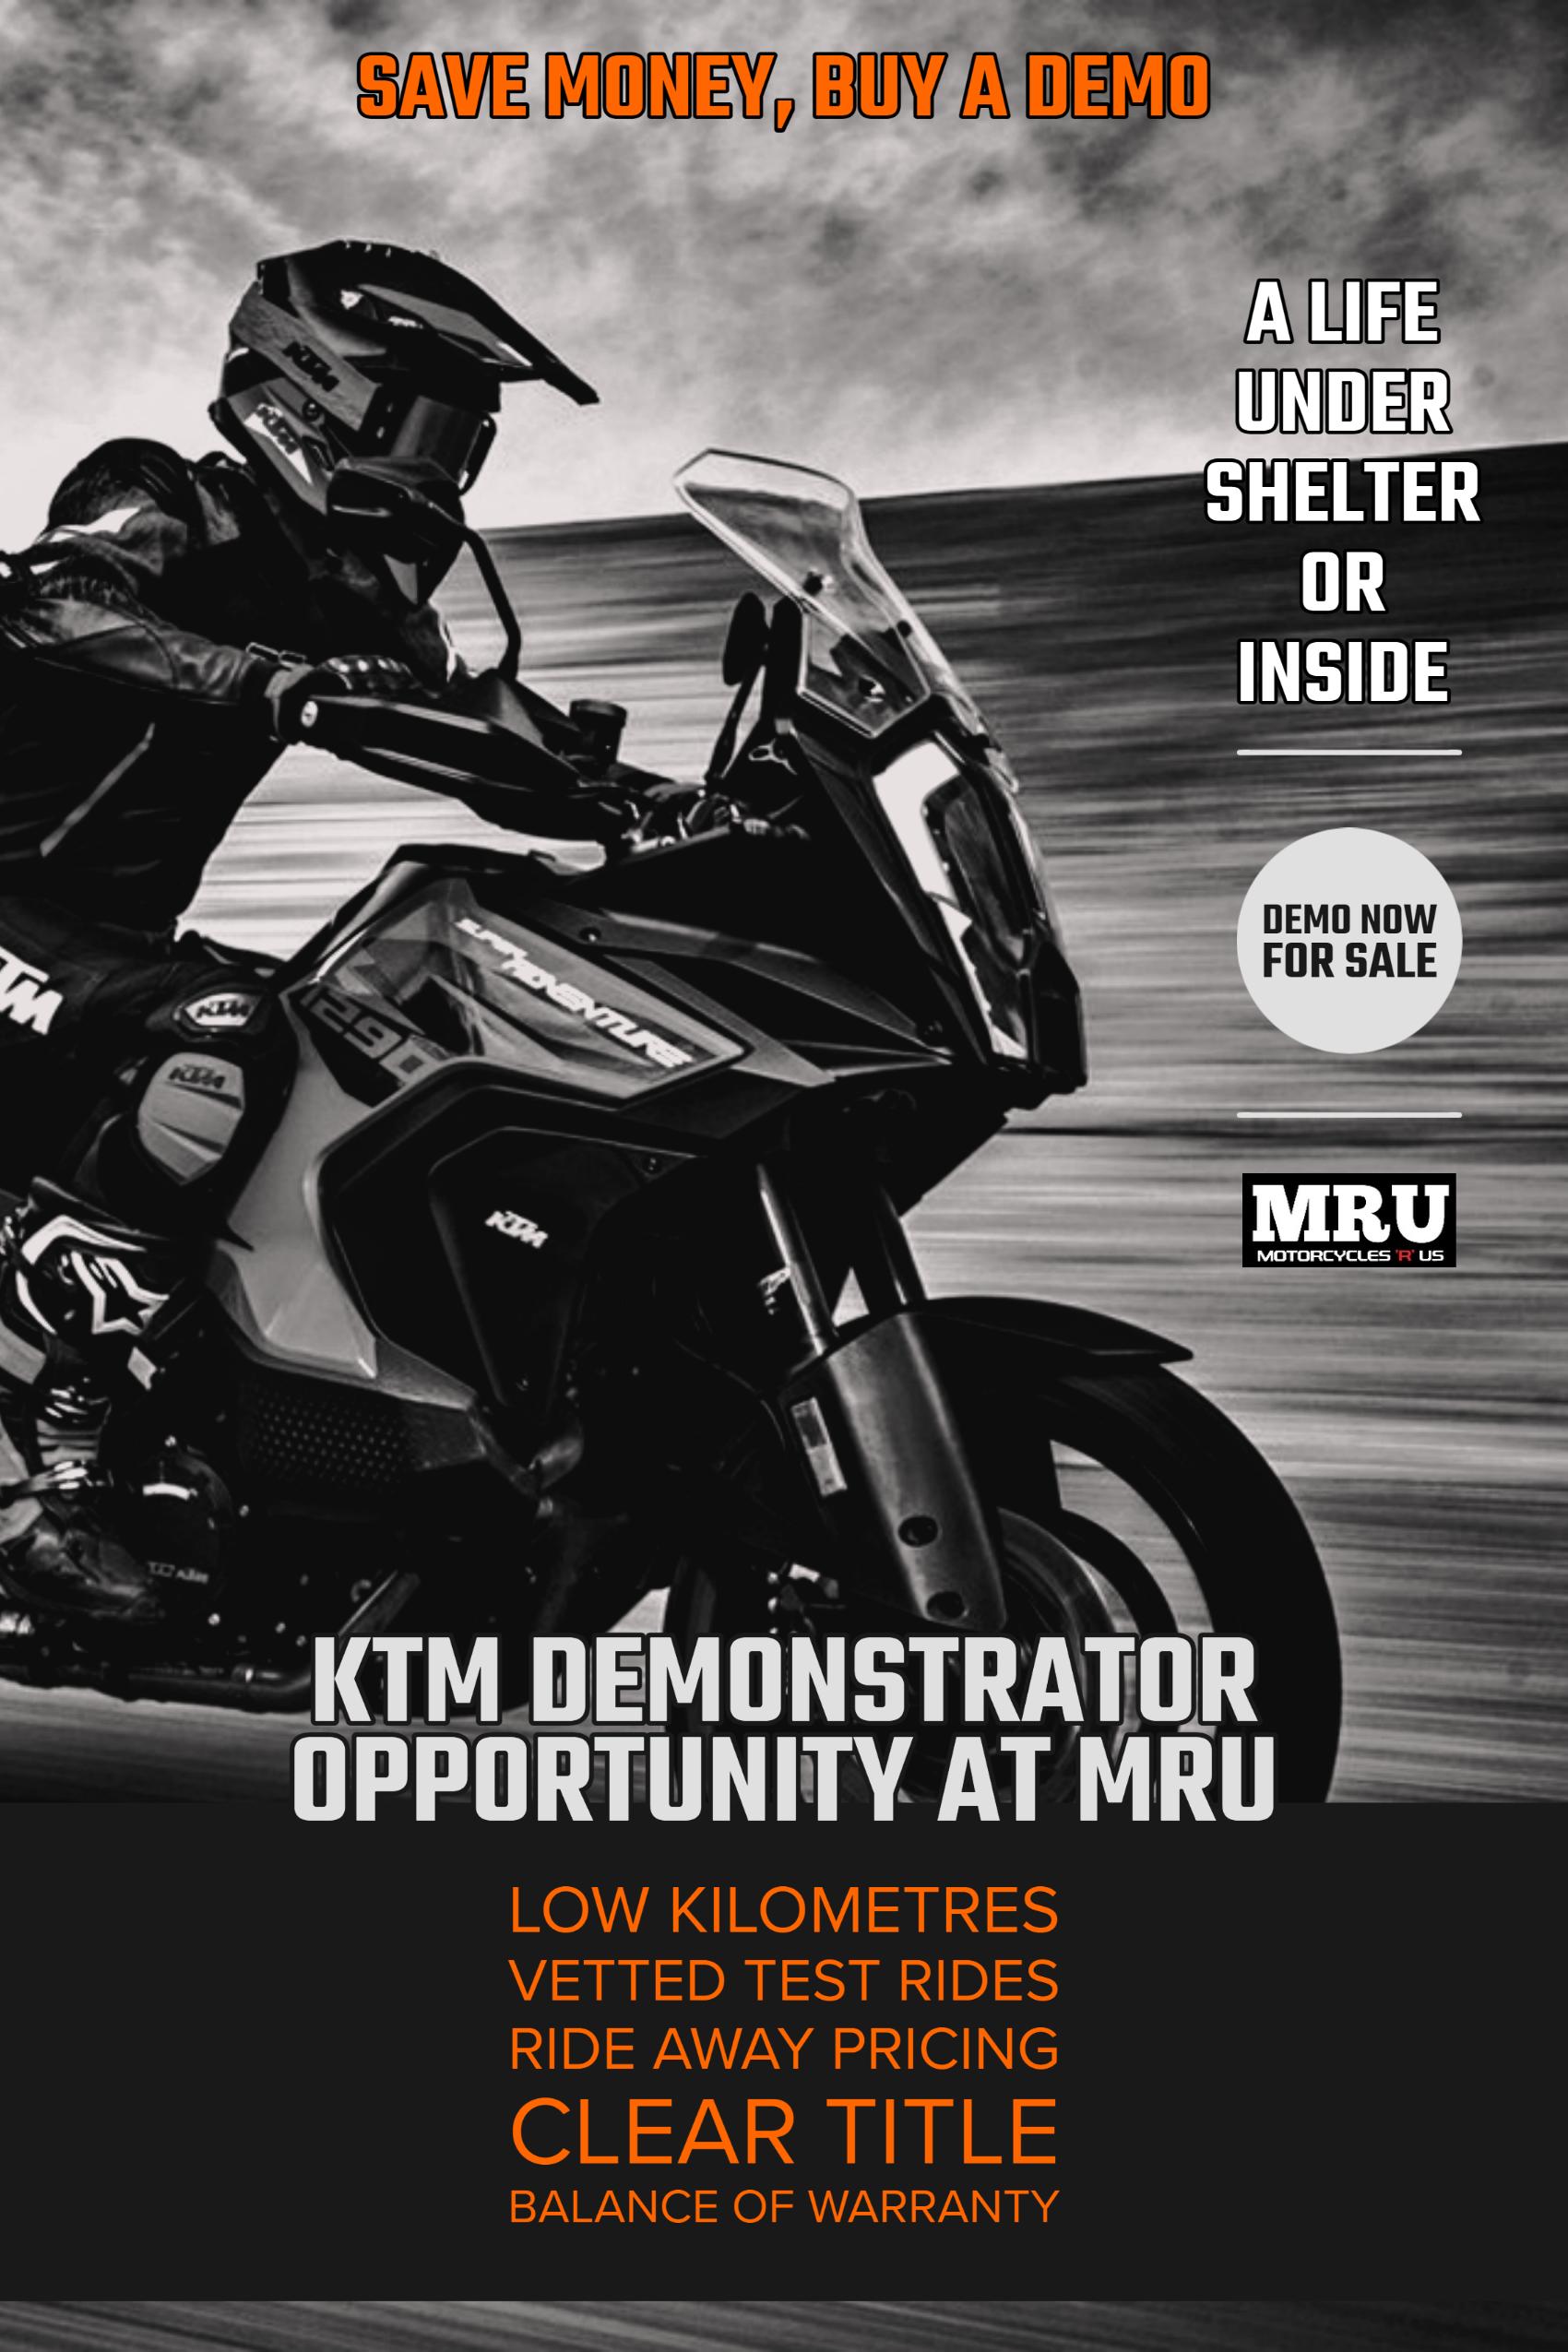 Image promoting buying a KTM demonstrator at MRU